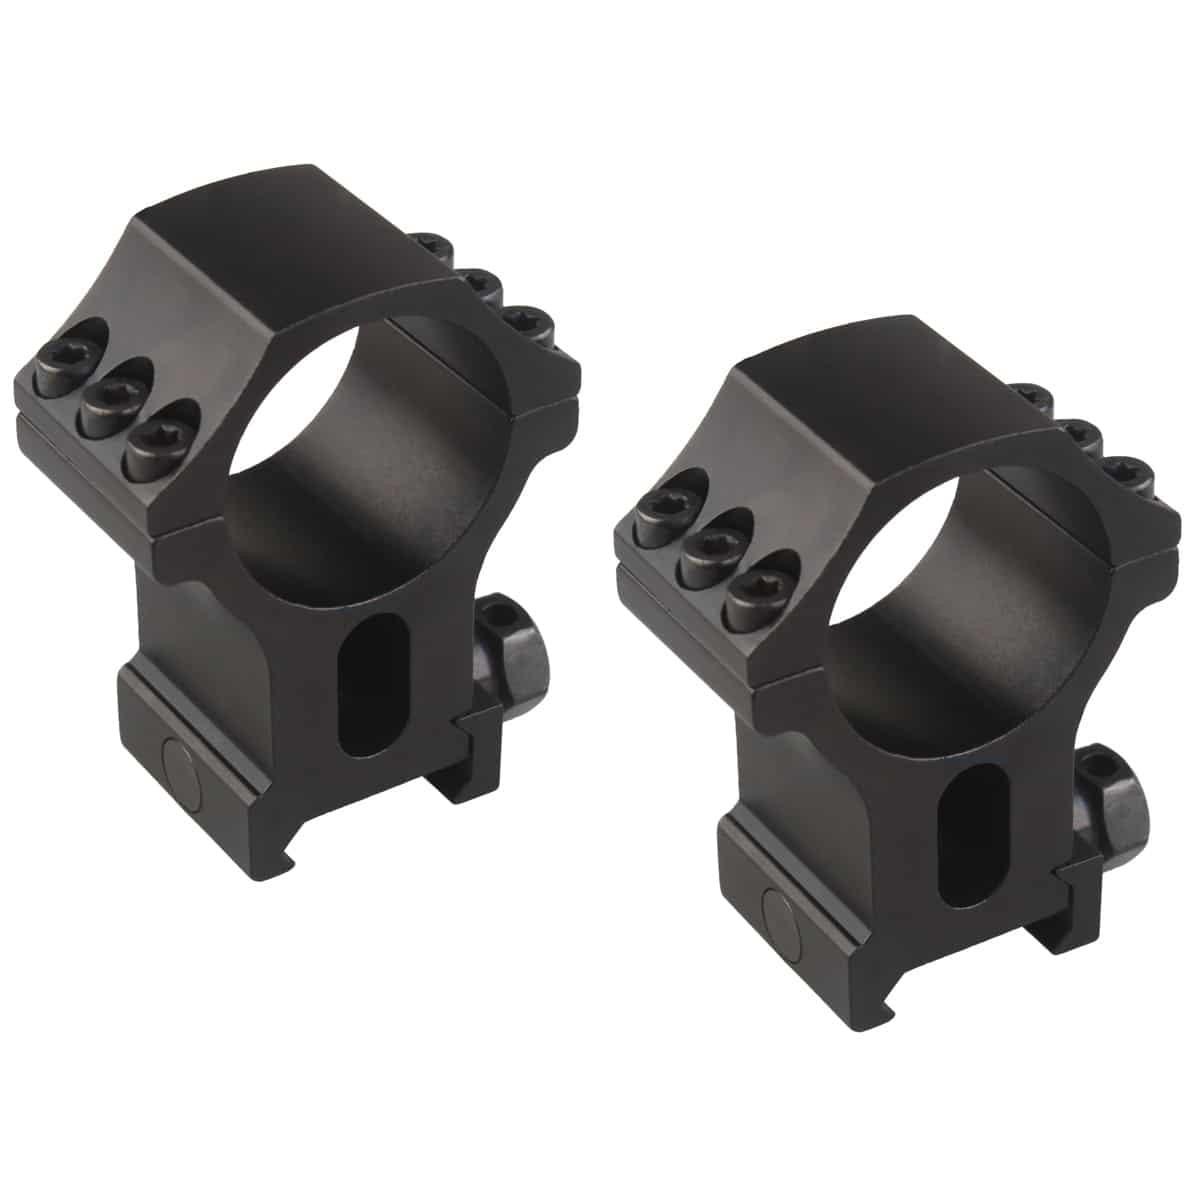 30mm X-ACCU Scope Ring High